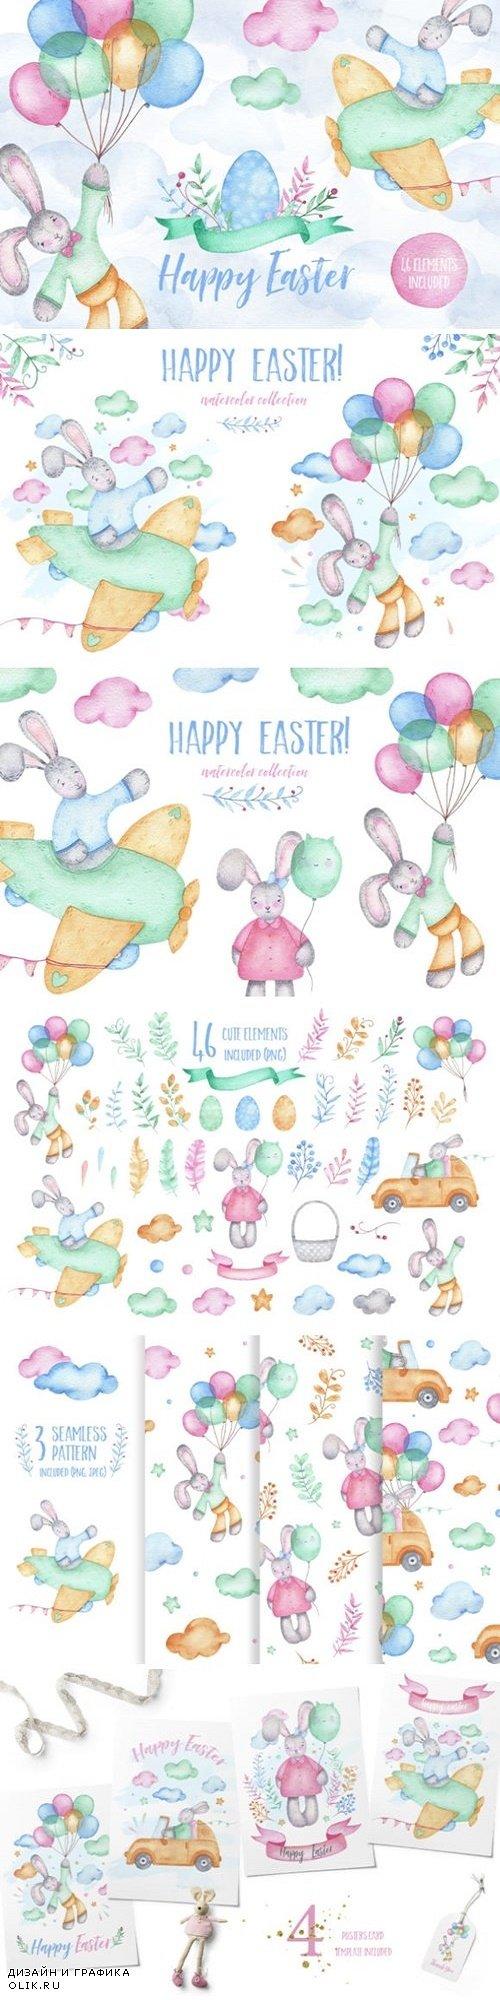 Happy Birthday - watercolor clipart - 3447005